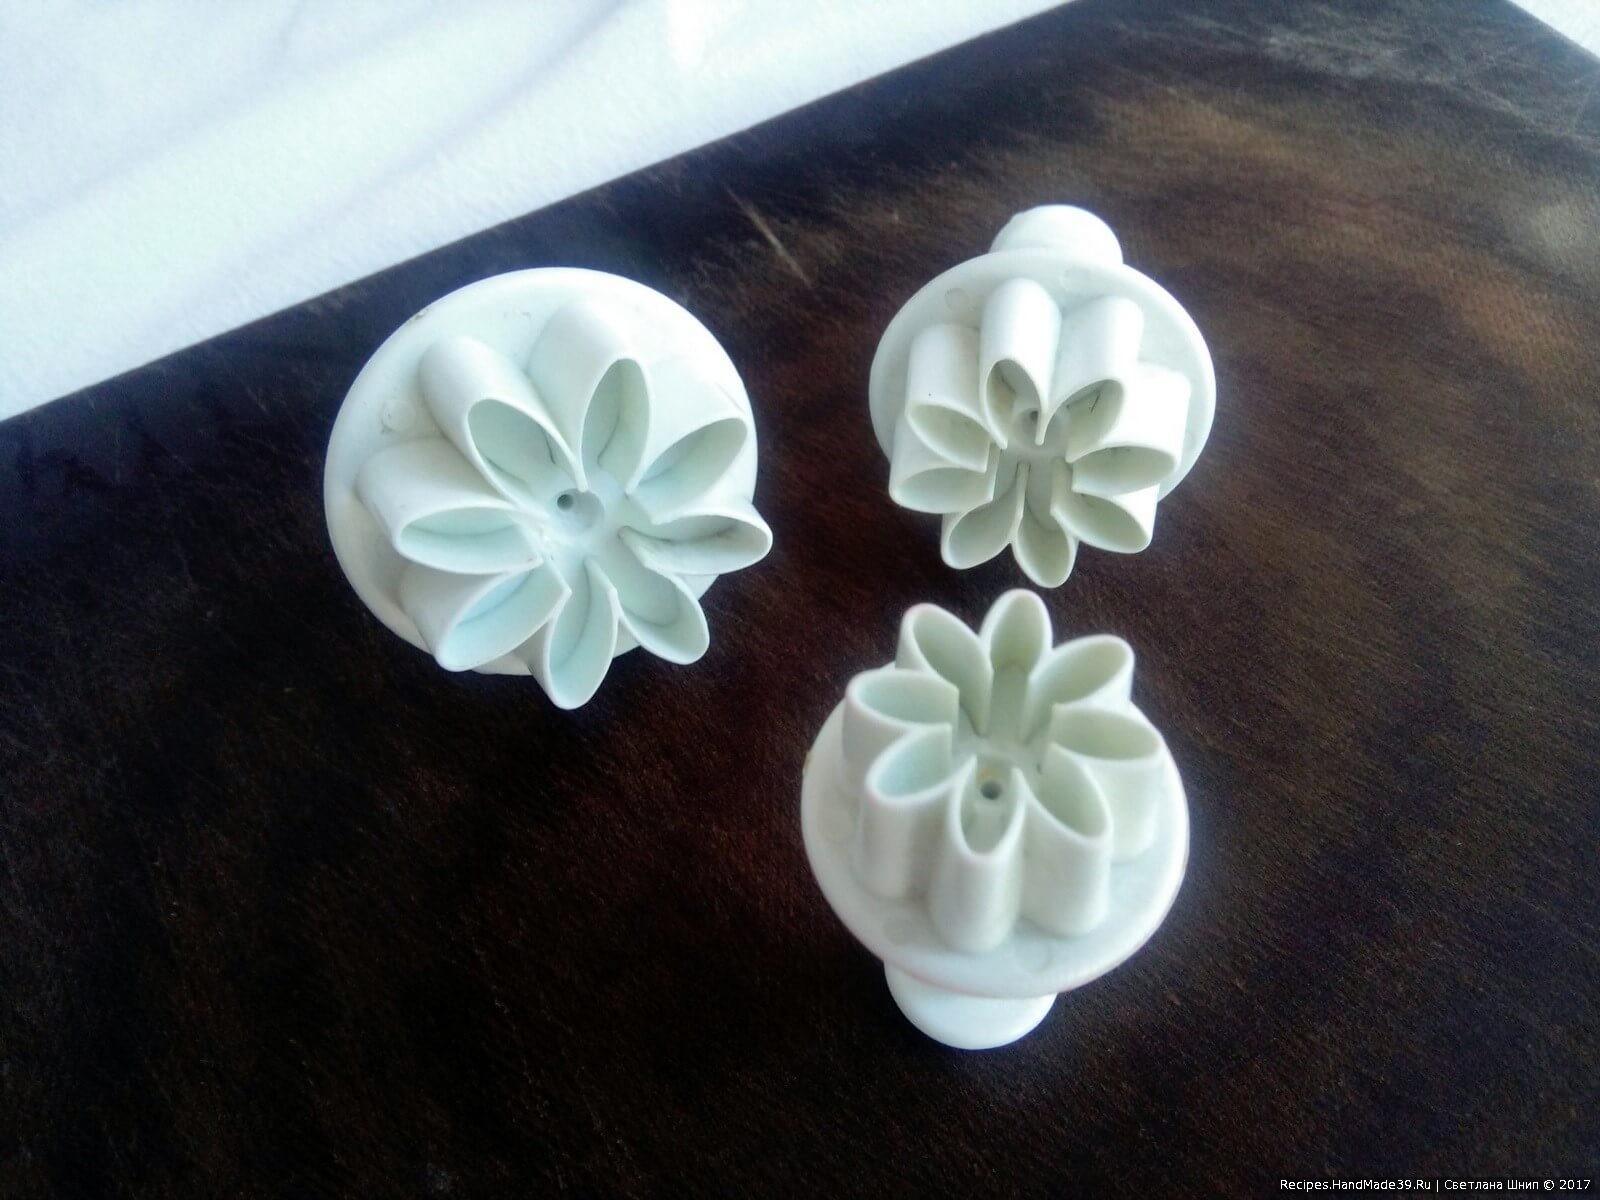 Цветочки из огурца сделаны формочками для работы с мастикой